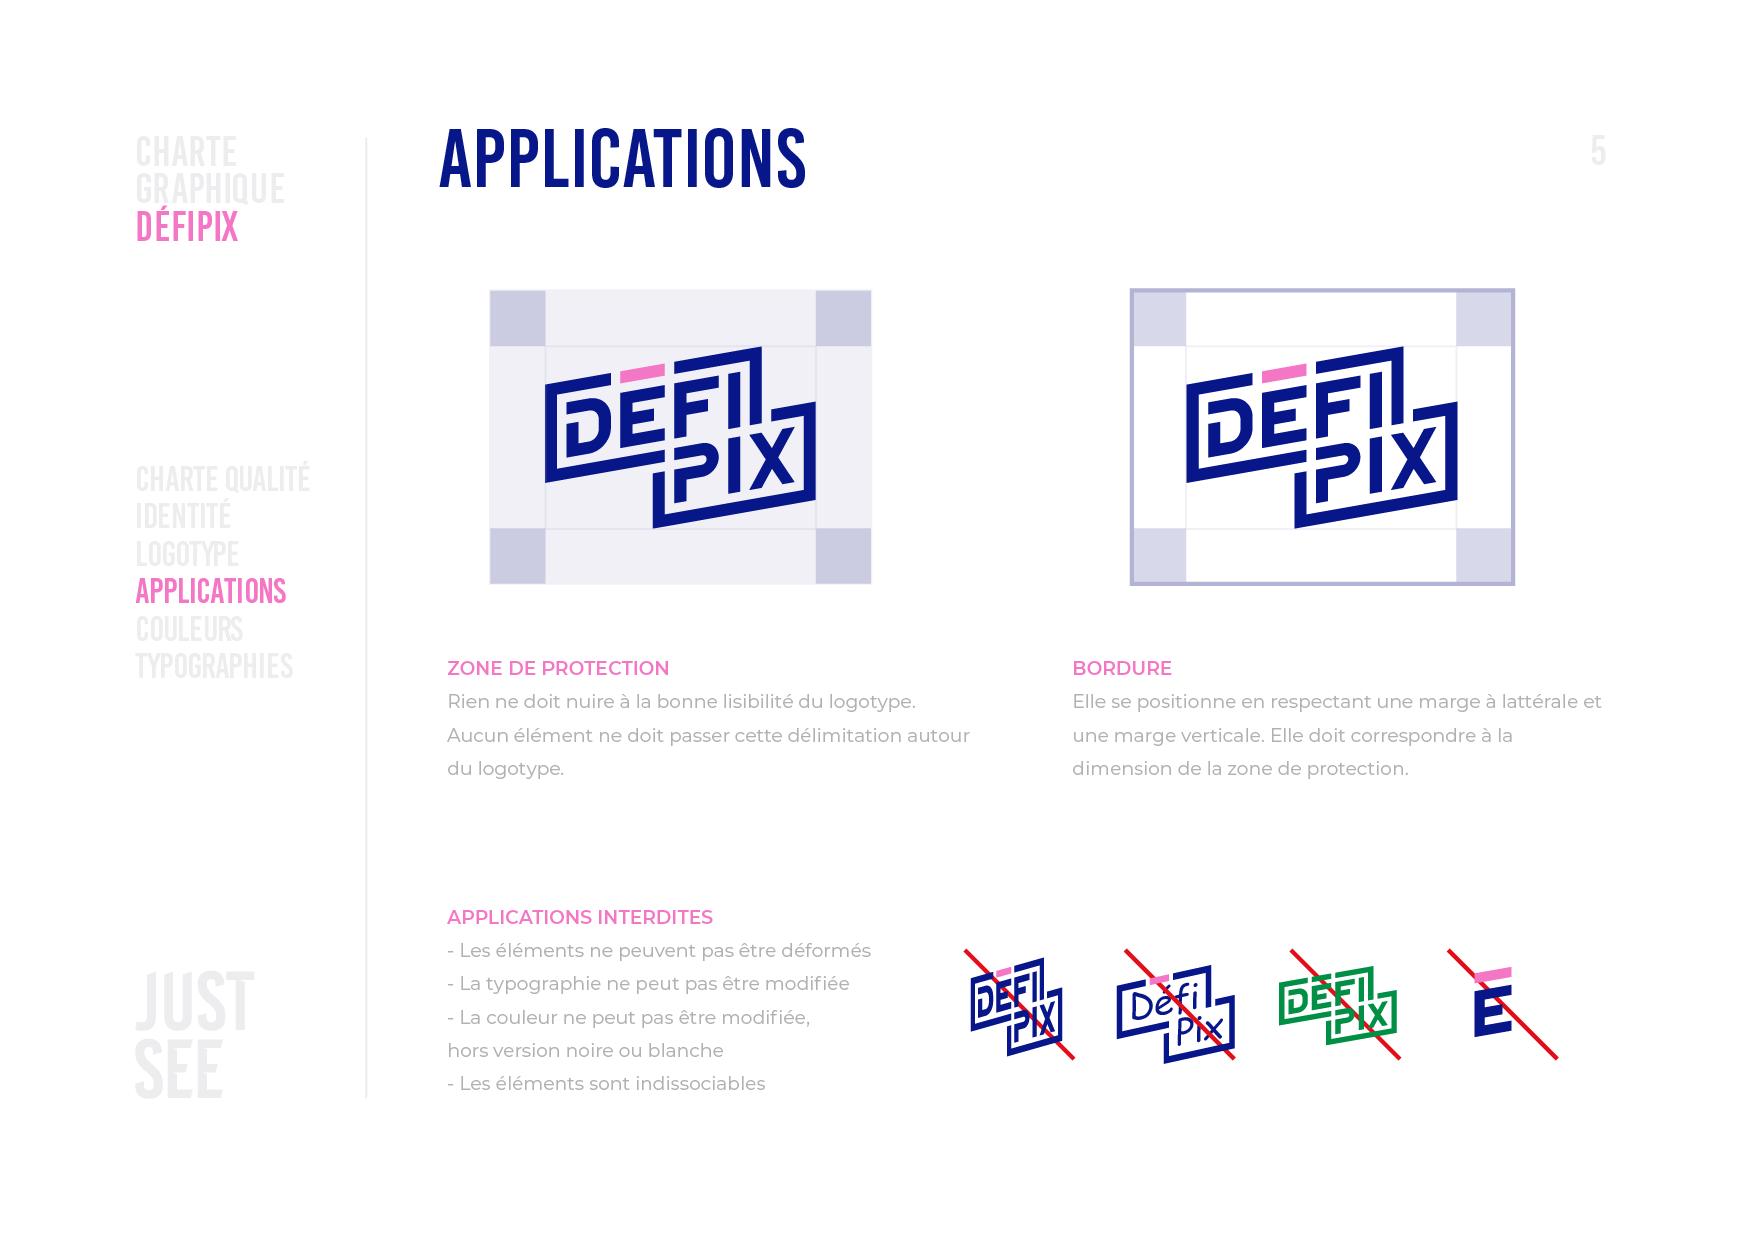 Défipix graphique 2019-06